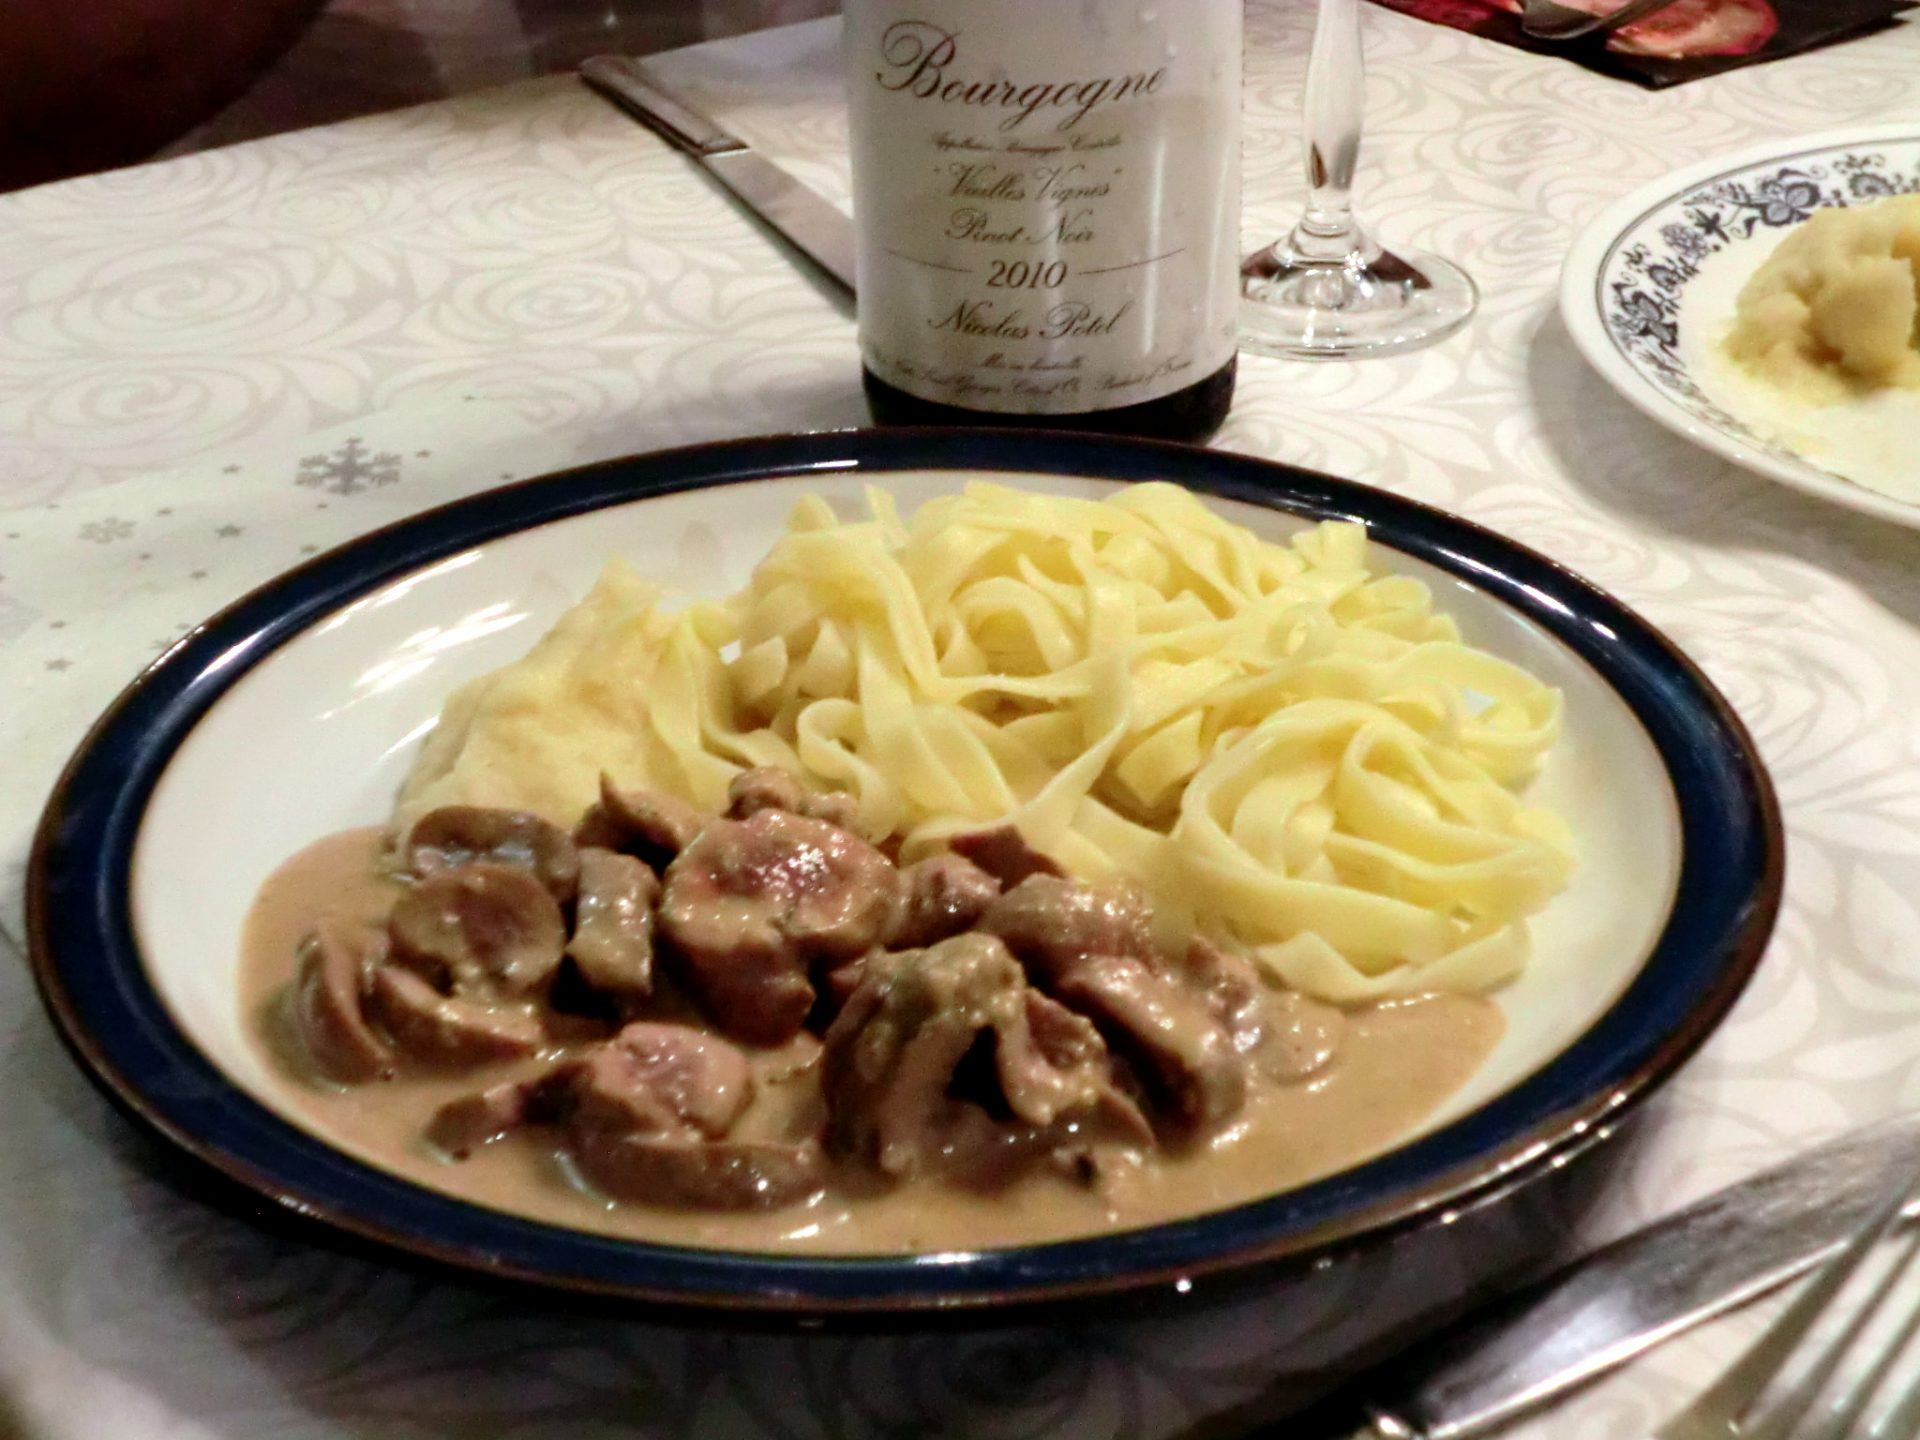 Rognons de veau sauce moutarde r gal d alain la cuisine de michel - Paupiette de porc a la poele ...